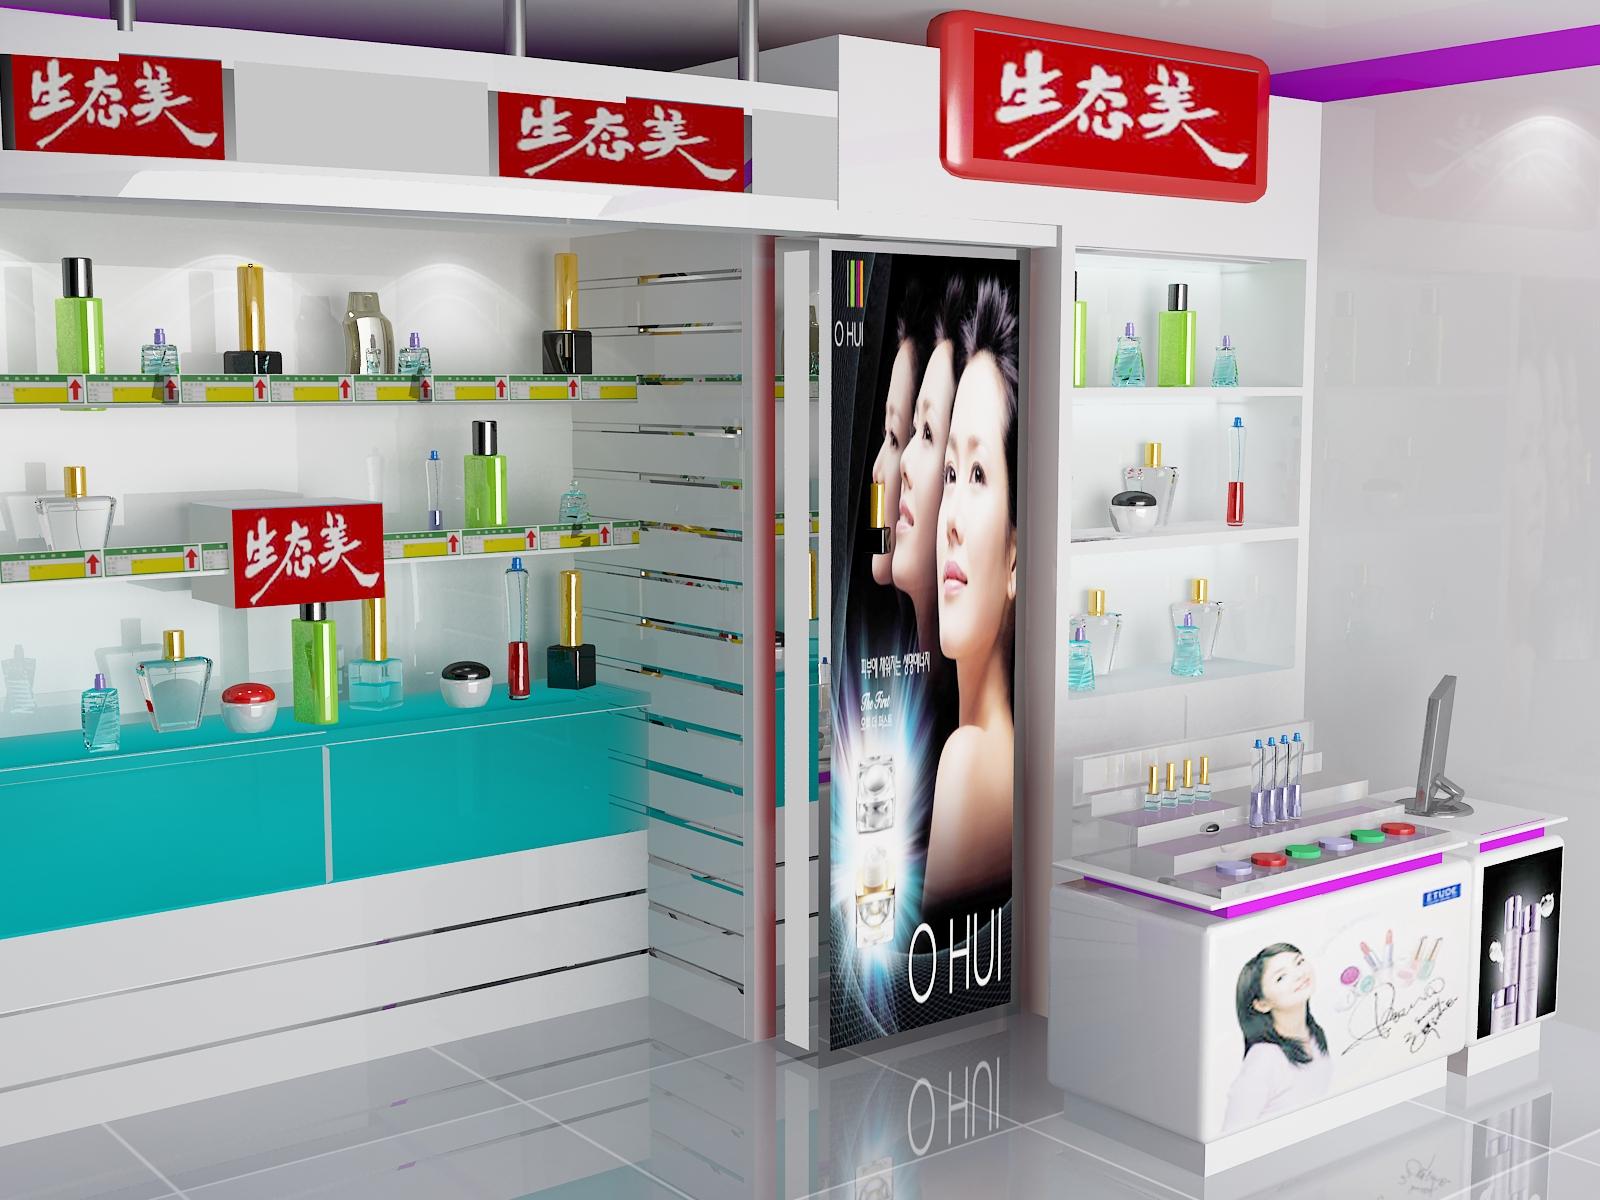 化妝品收銀臺和形象墻裝修效果圖設計